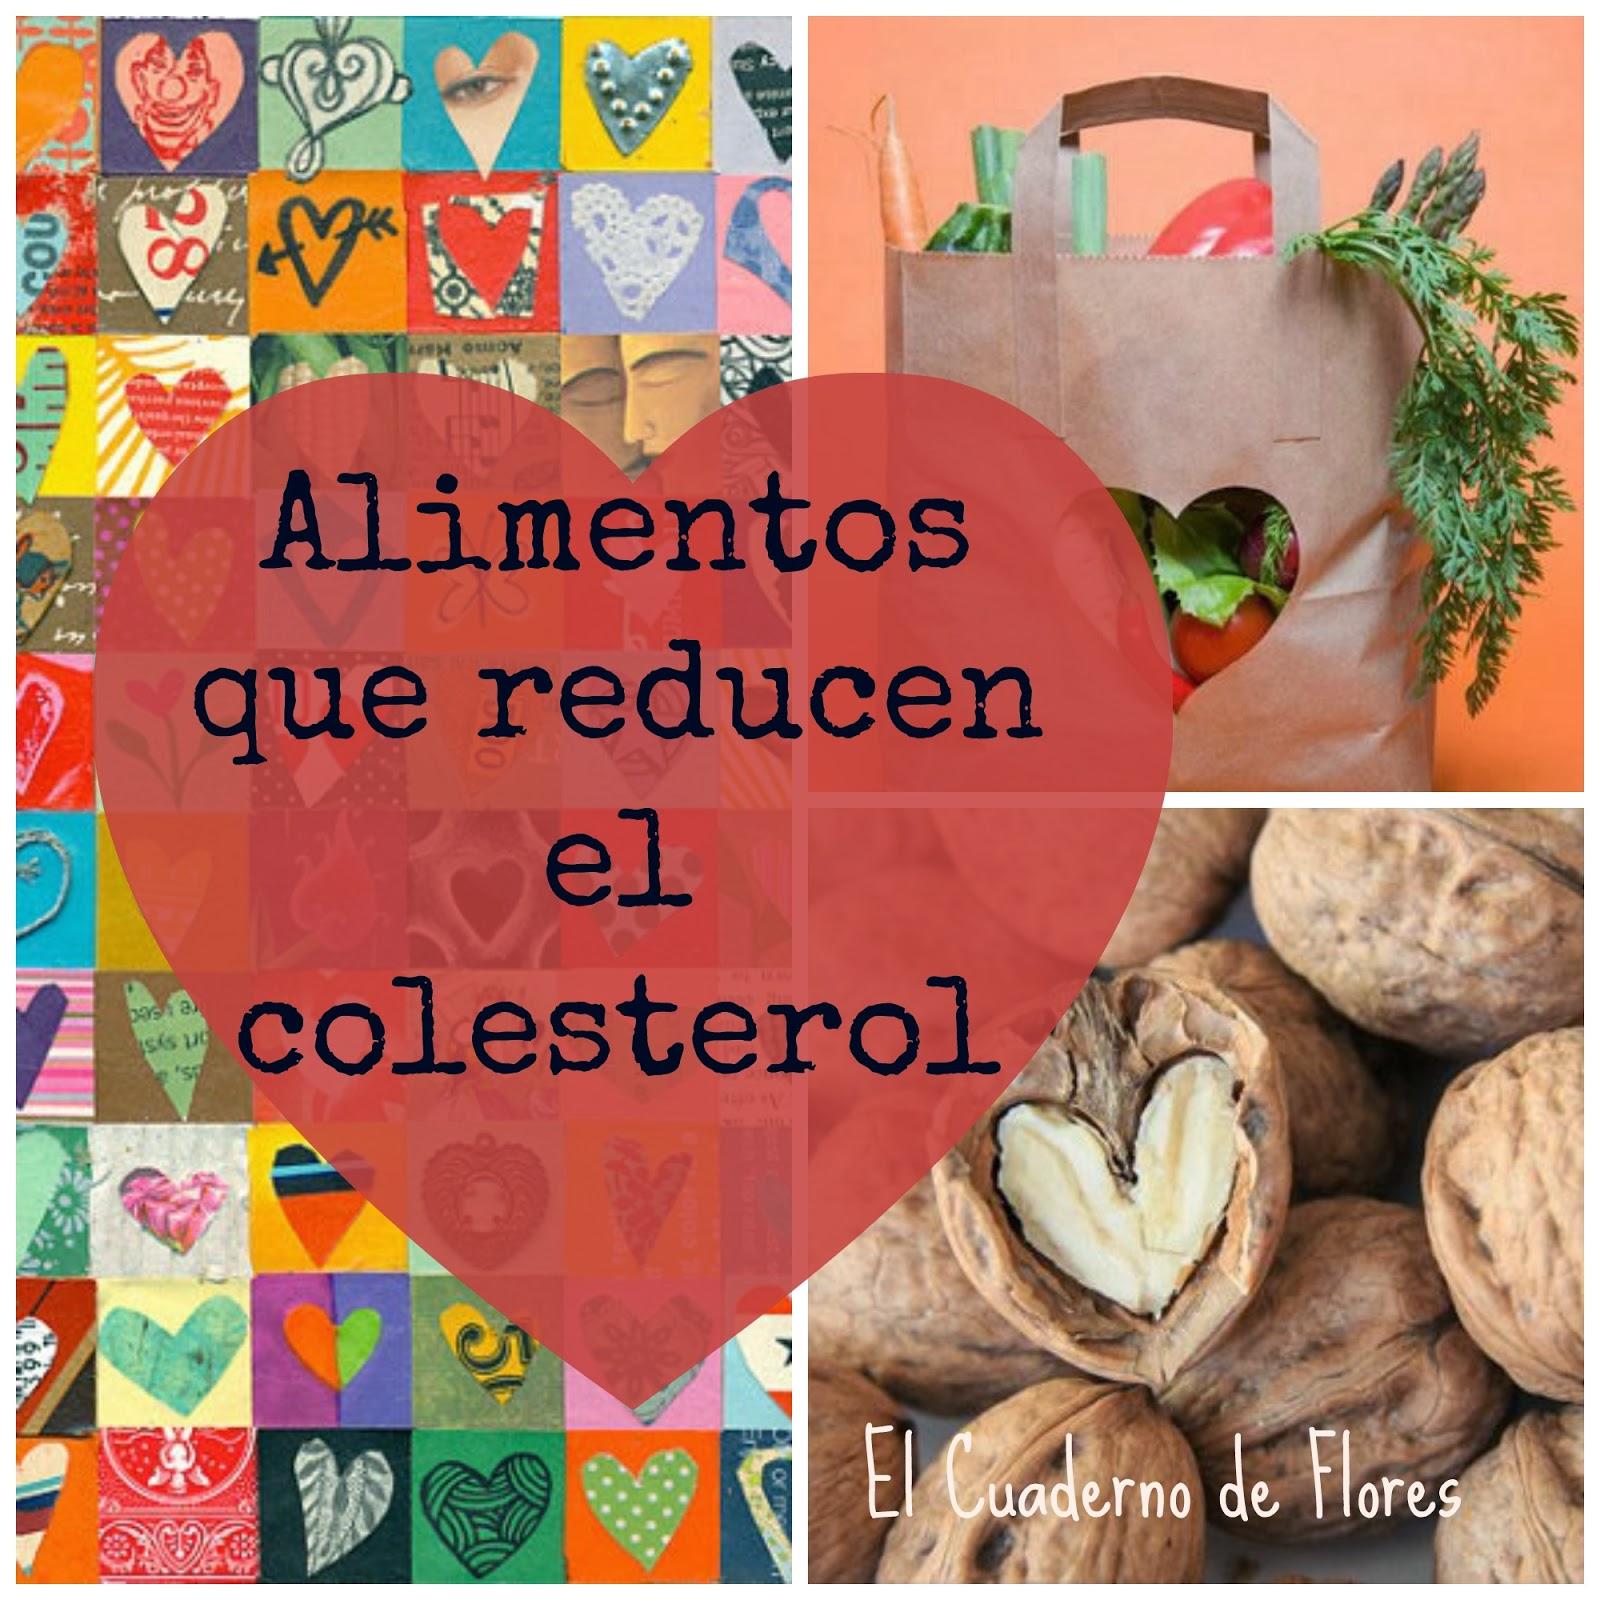 El cuaderno de flores farmacia nutrici n y vida sana 7 alimentos que reducen el colesterol - Alimentos que provocan colesterol ...